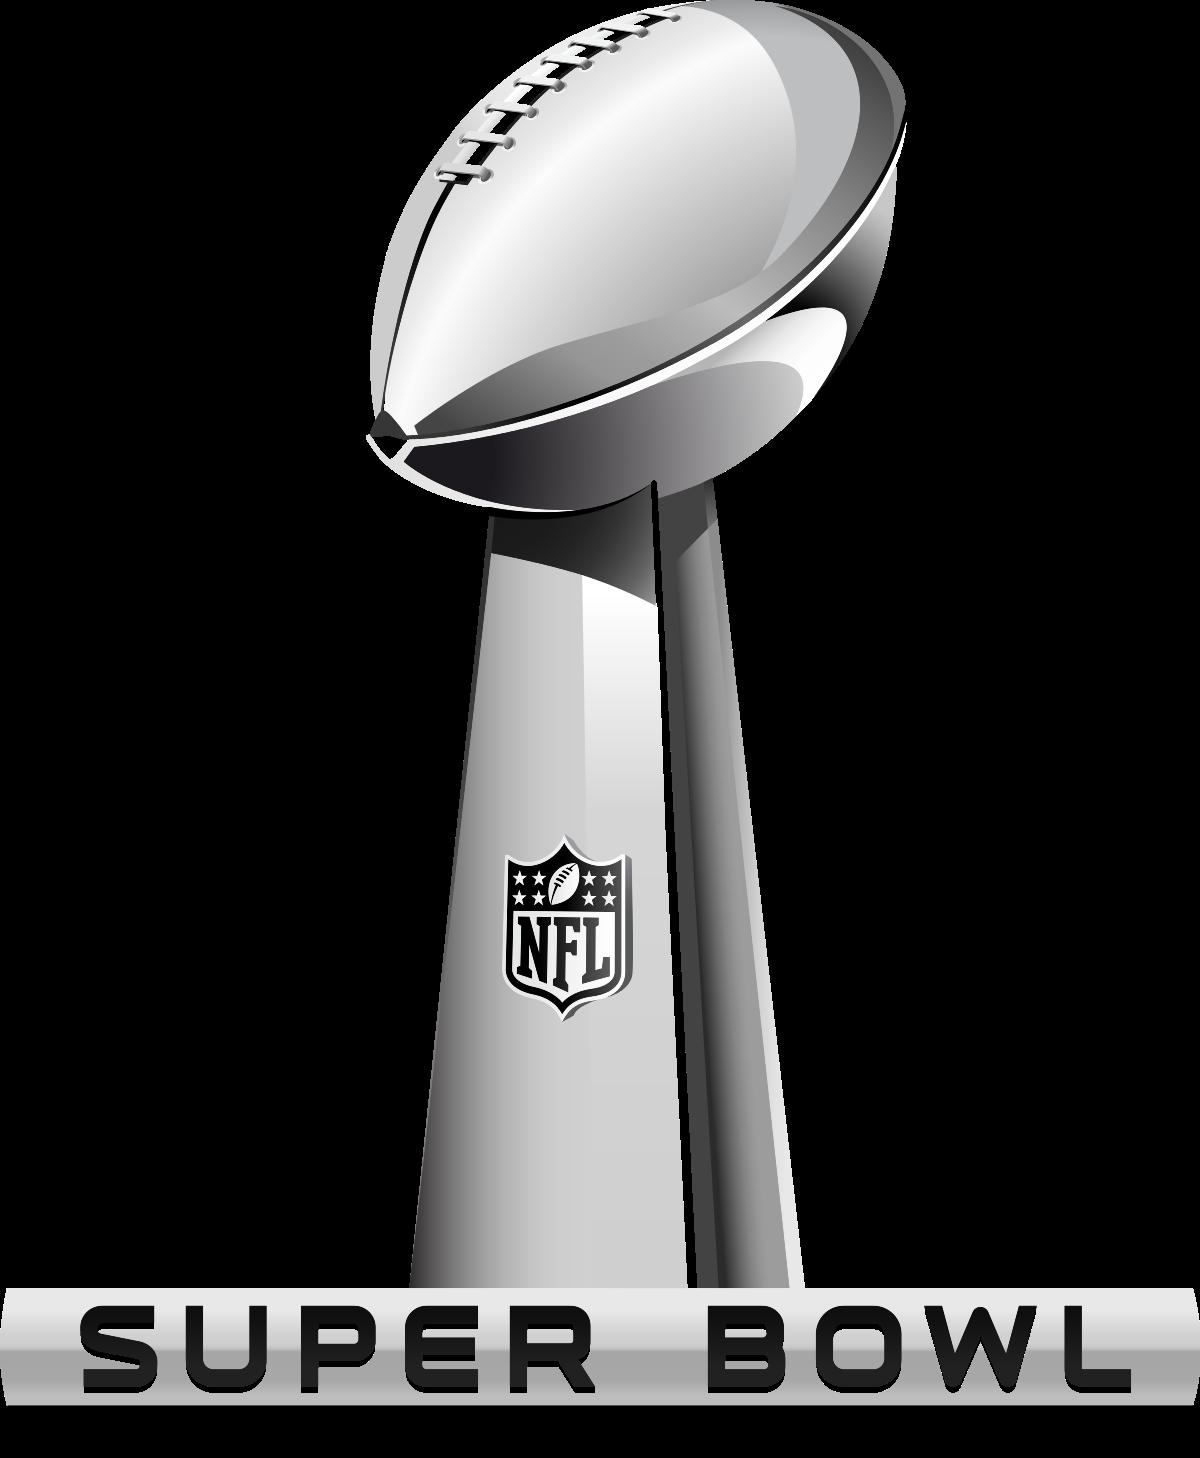 Super Bowl Li Png Hdpng.com 1200 - Super Bowl Li, Transparent background PNG HD thumbnail